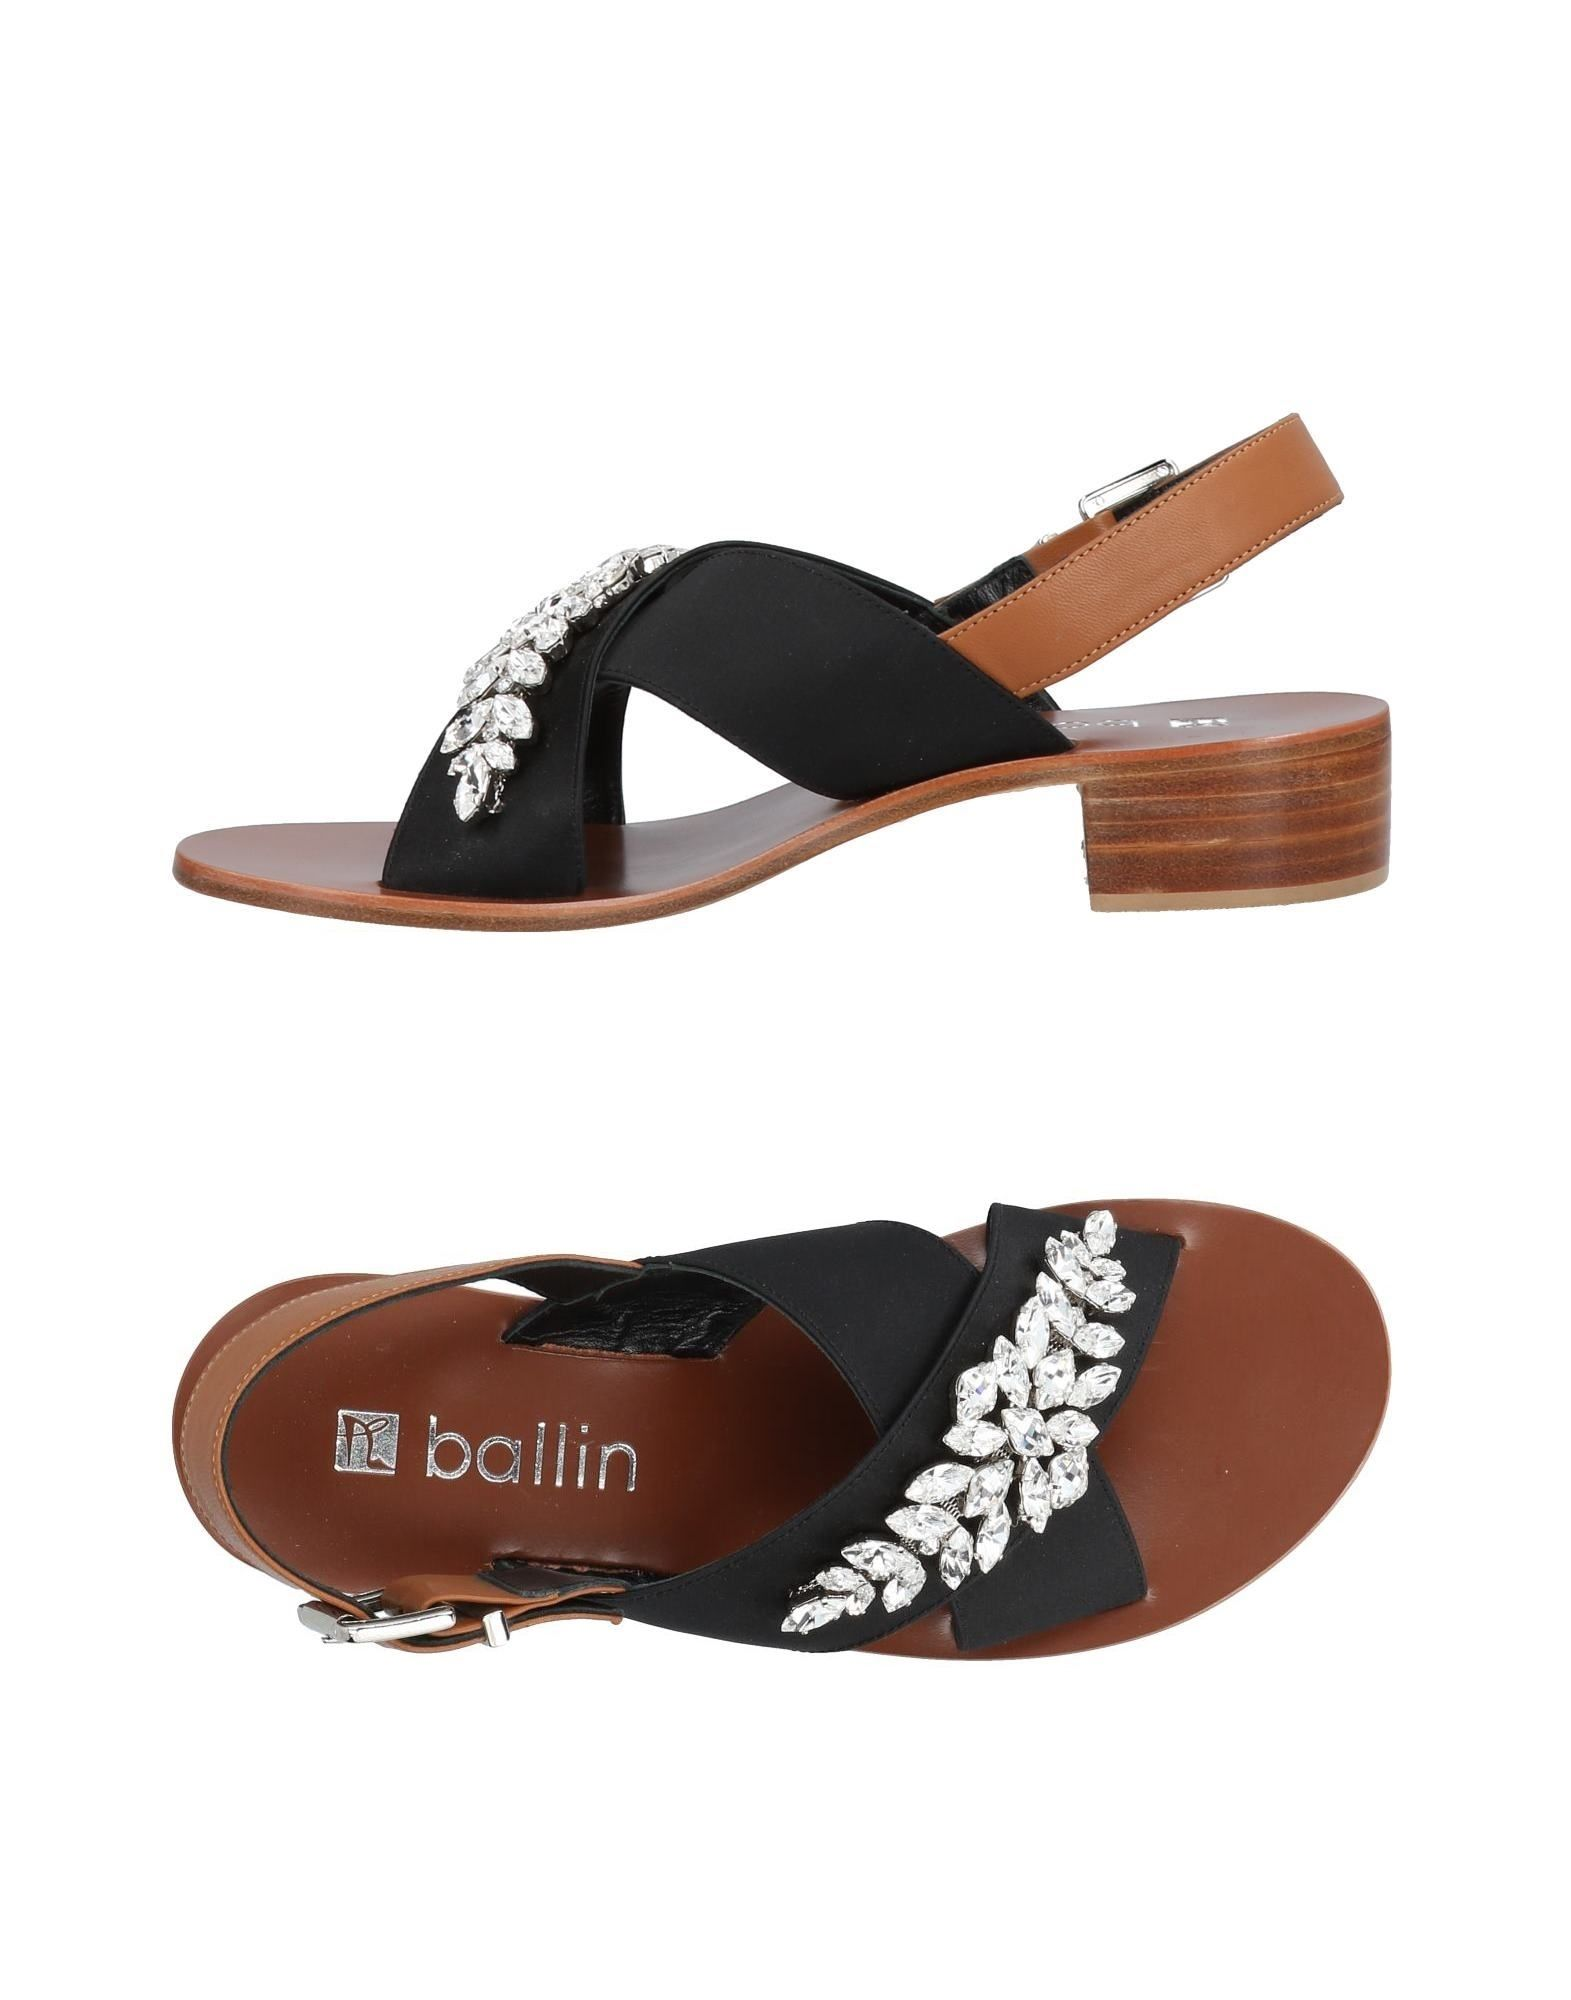 Moda Sandali Ballin Donna Donna Ballin - 11432318TO 4dfb38